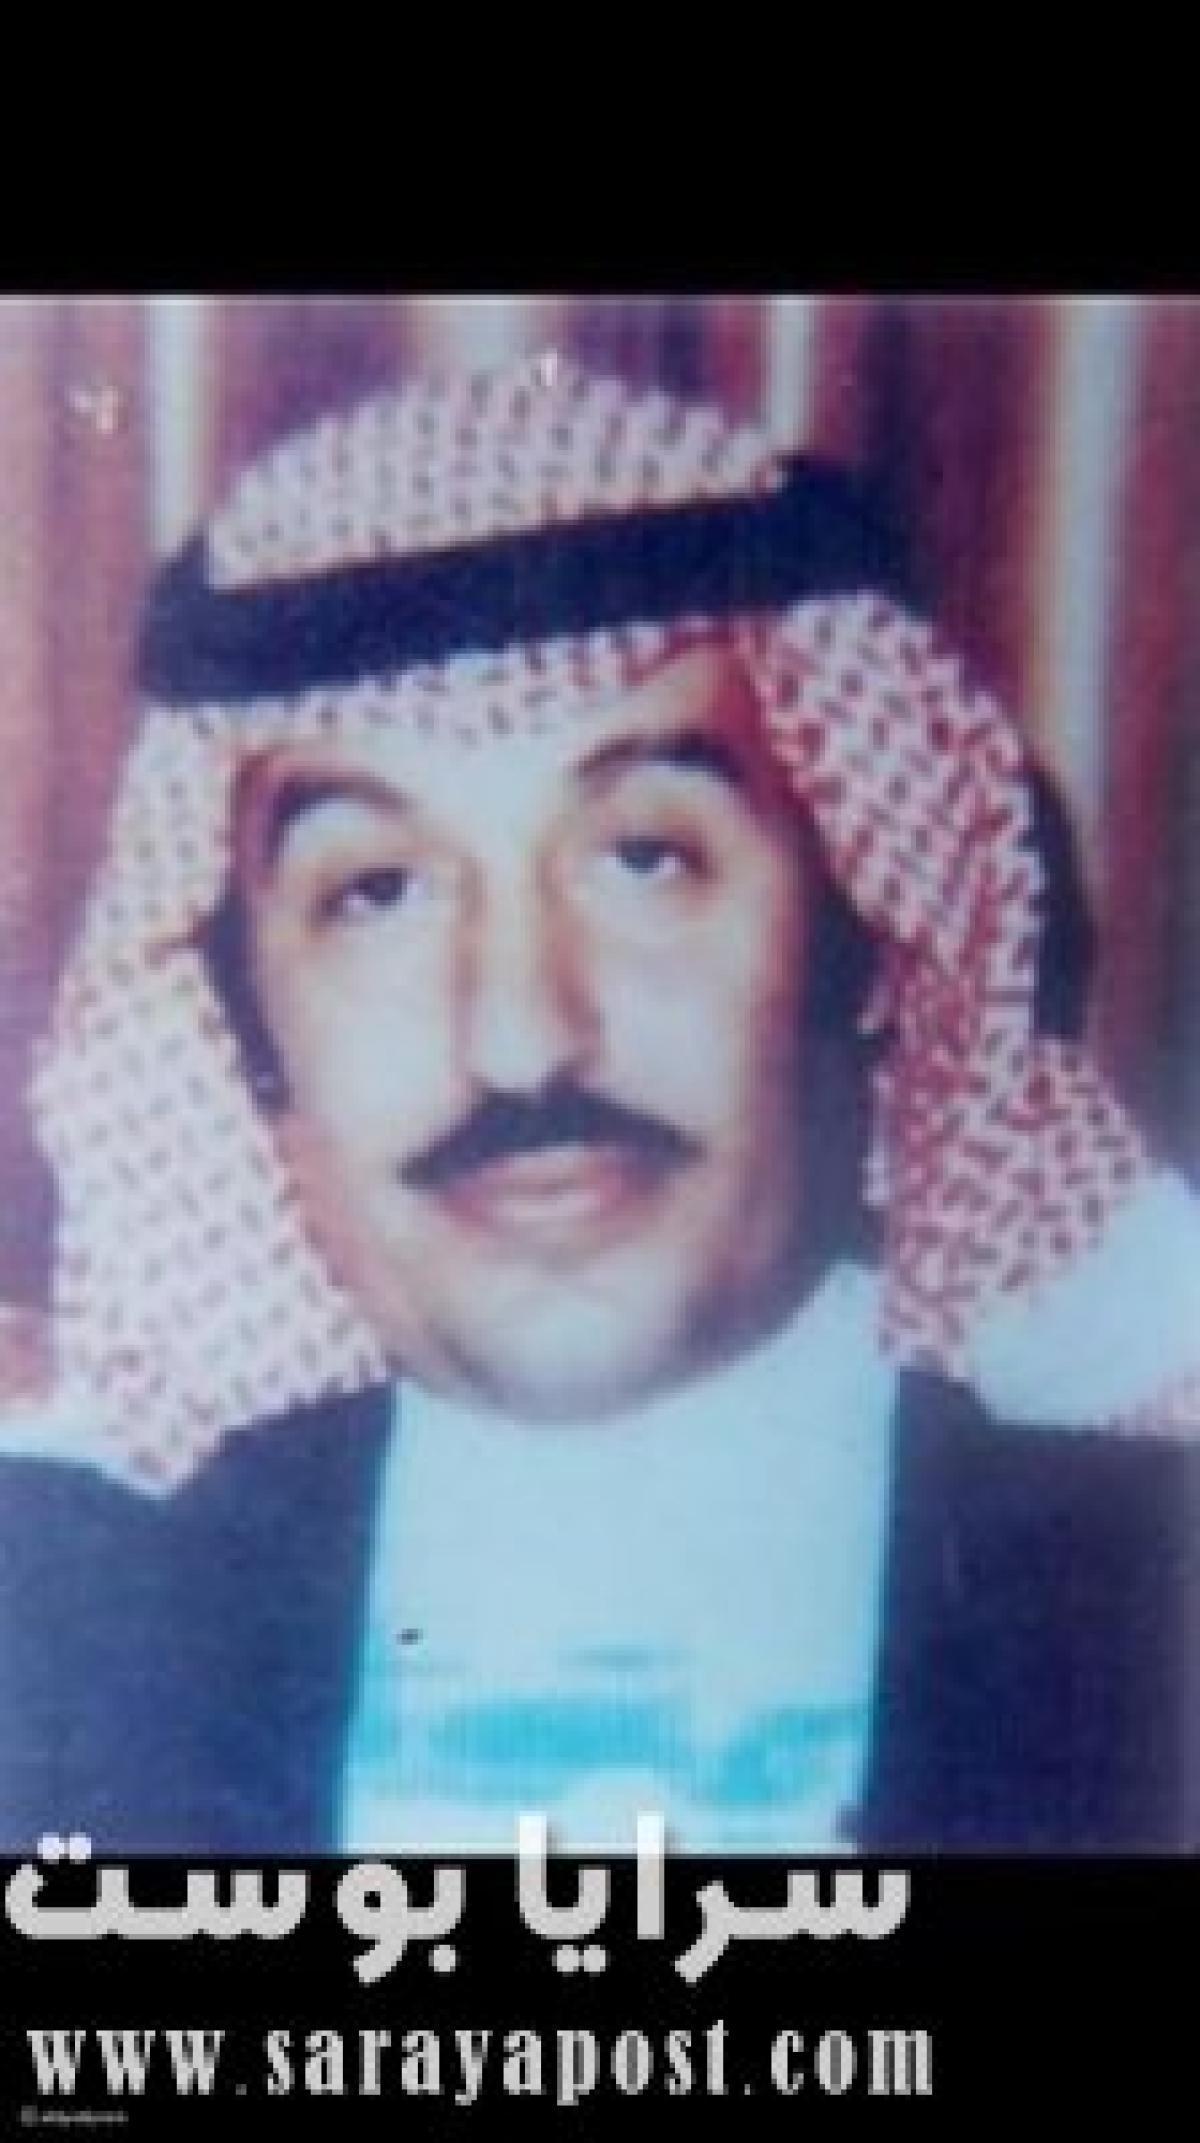 وفاة الأمير خالد بن سعود أحد أفراد العائلة الحاكمة في السعودية